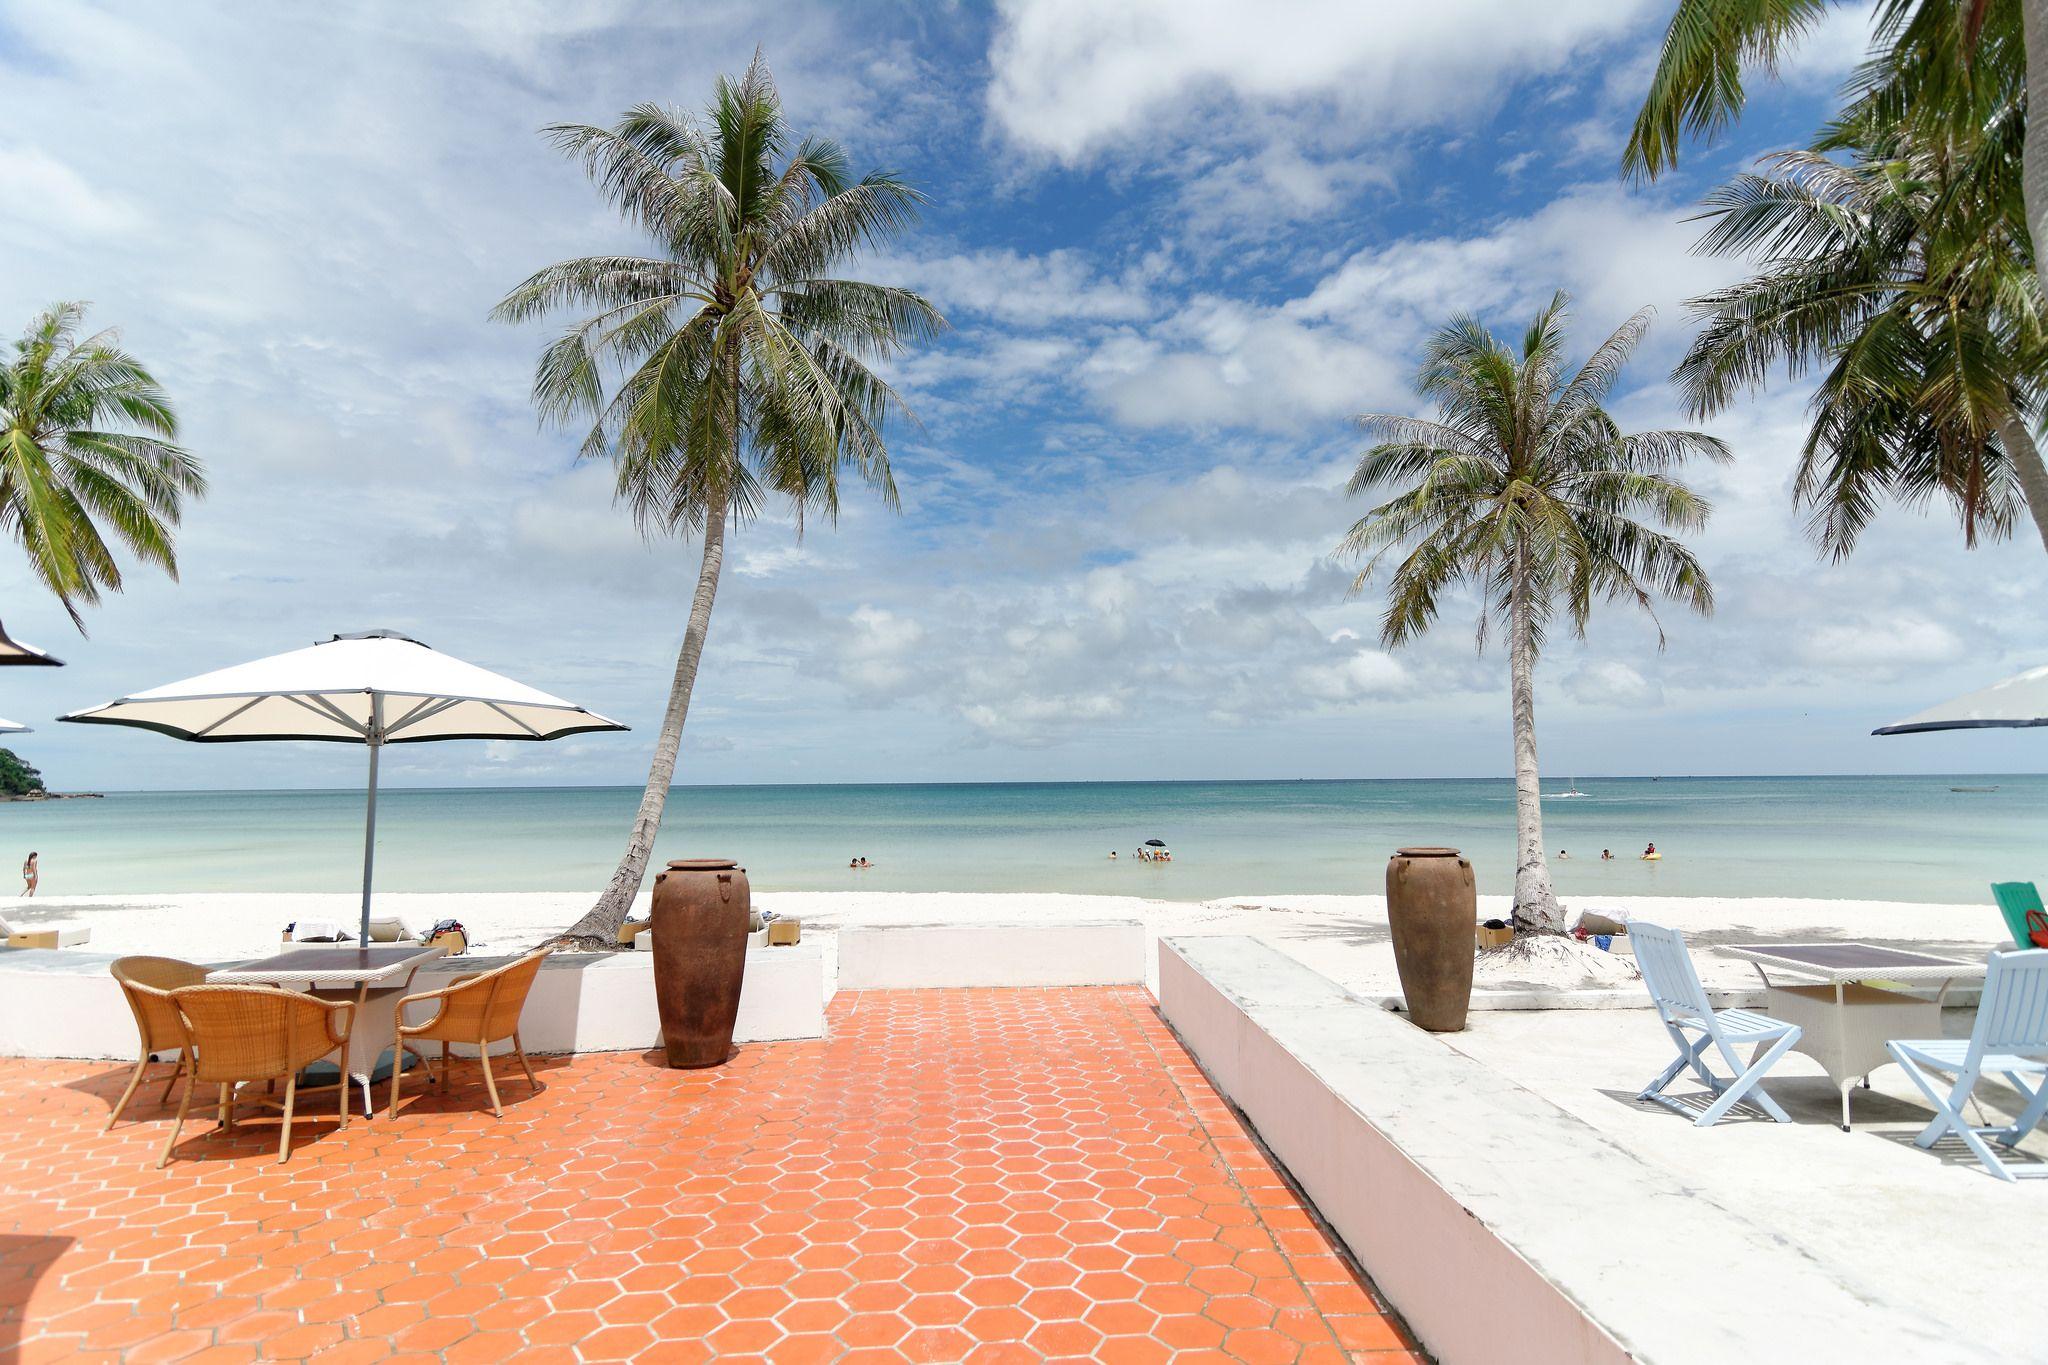 или продать фукуок фото пляжей доставка